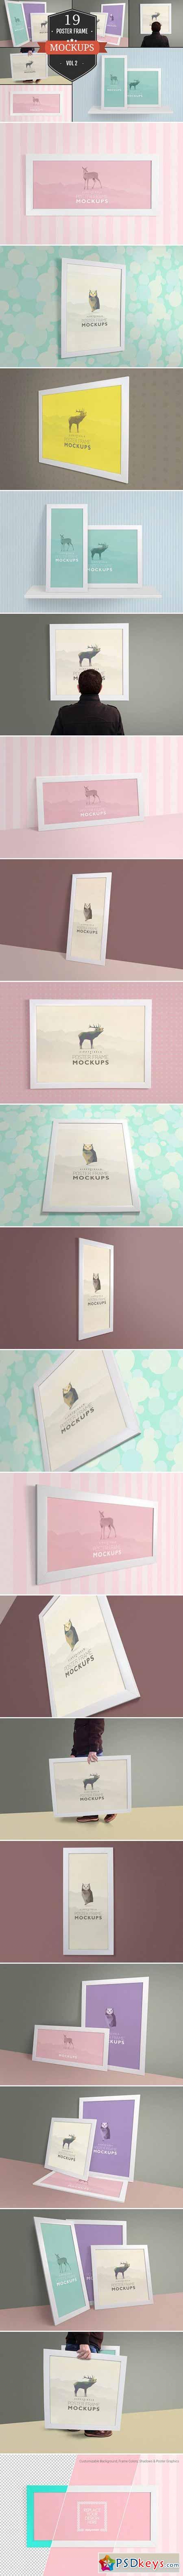 Elegant Poster Frame Mockups Vol. 2 385045